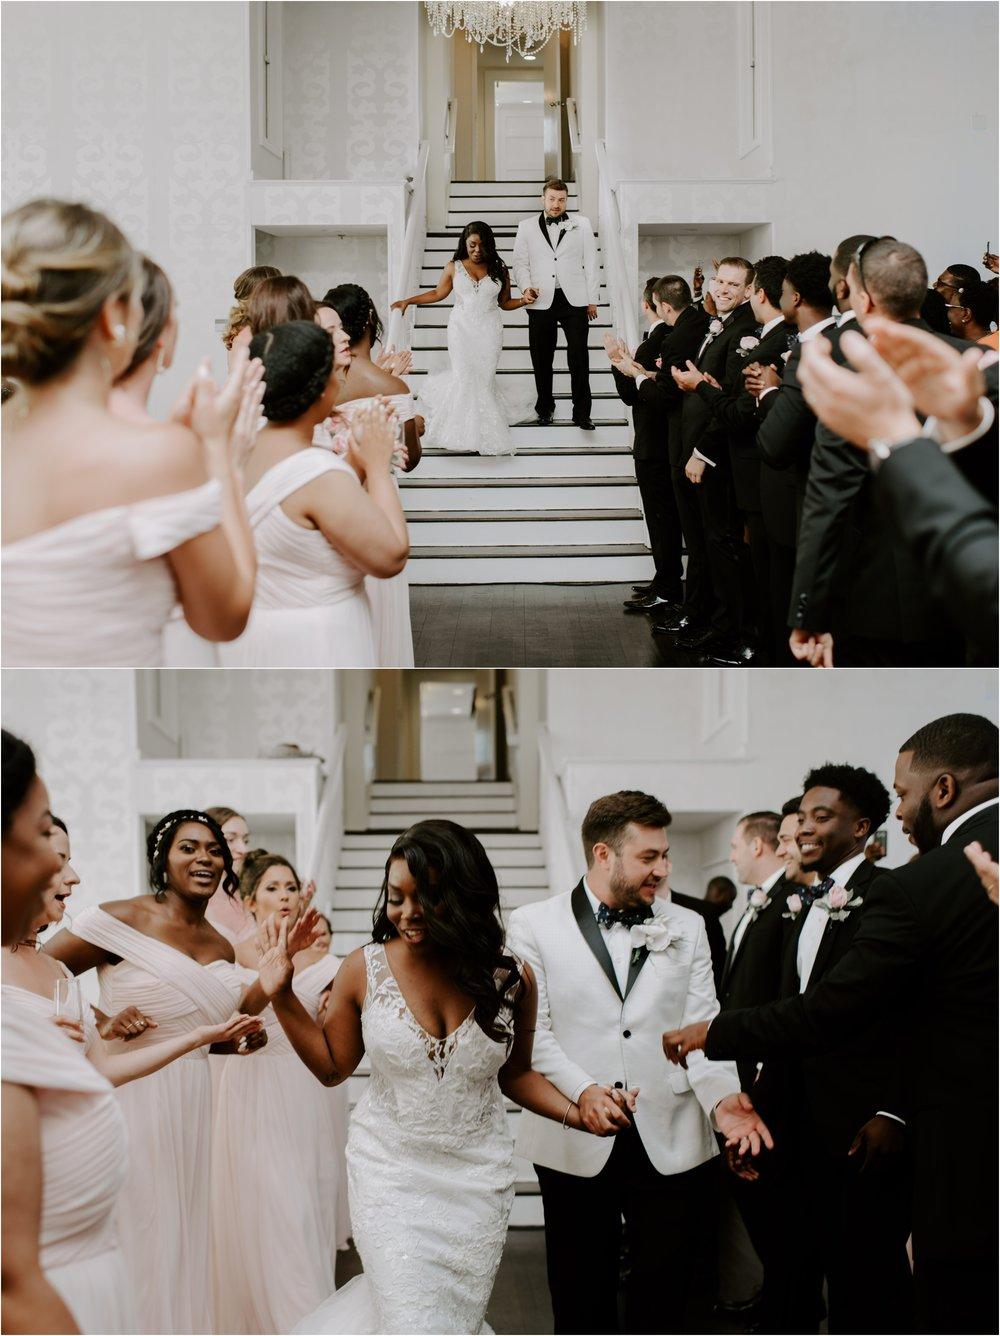 JANELLEANDJULIAN-wedding-madelinerosephotographyco_0039.jpg